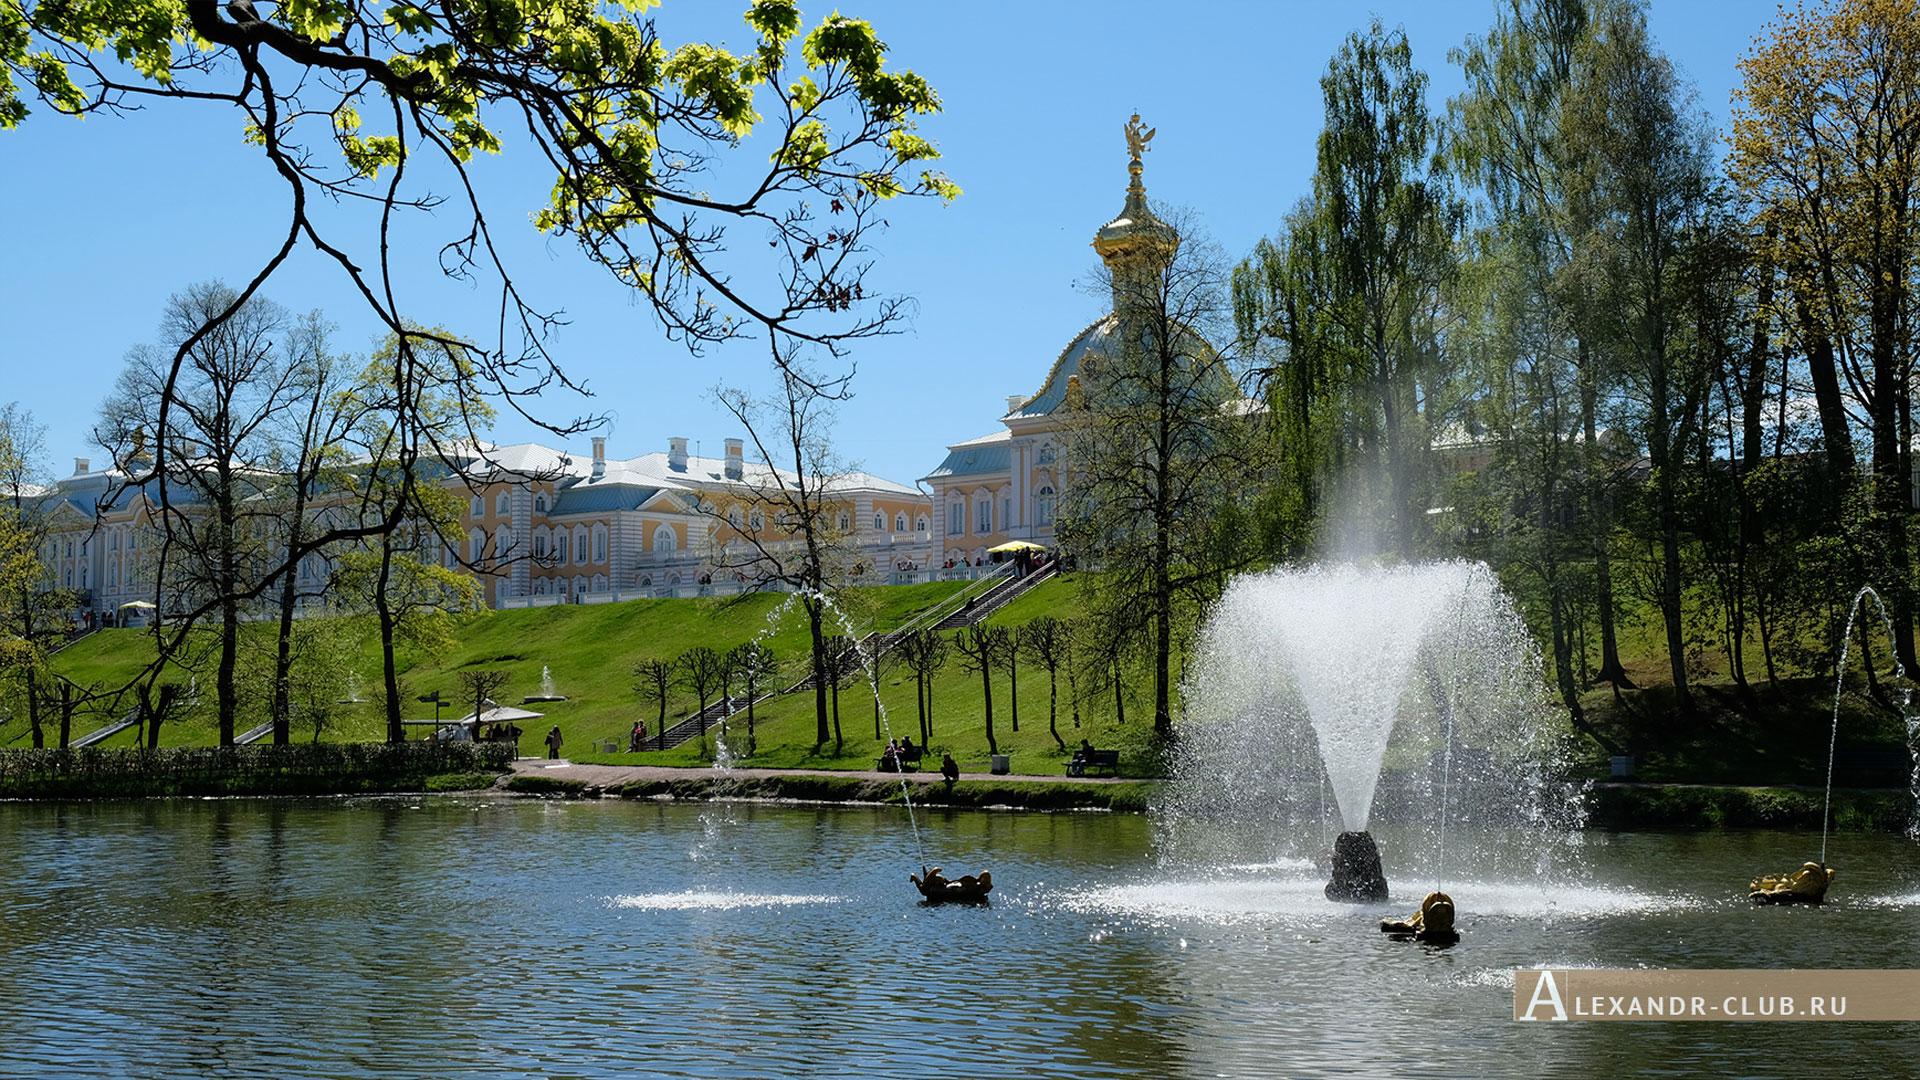 Петергоф, весна, Нижний парк, фонтан «Китовый», Особая кладовая